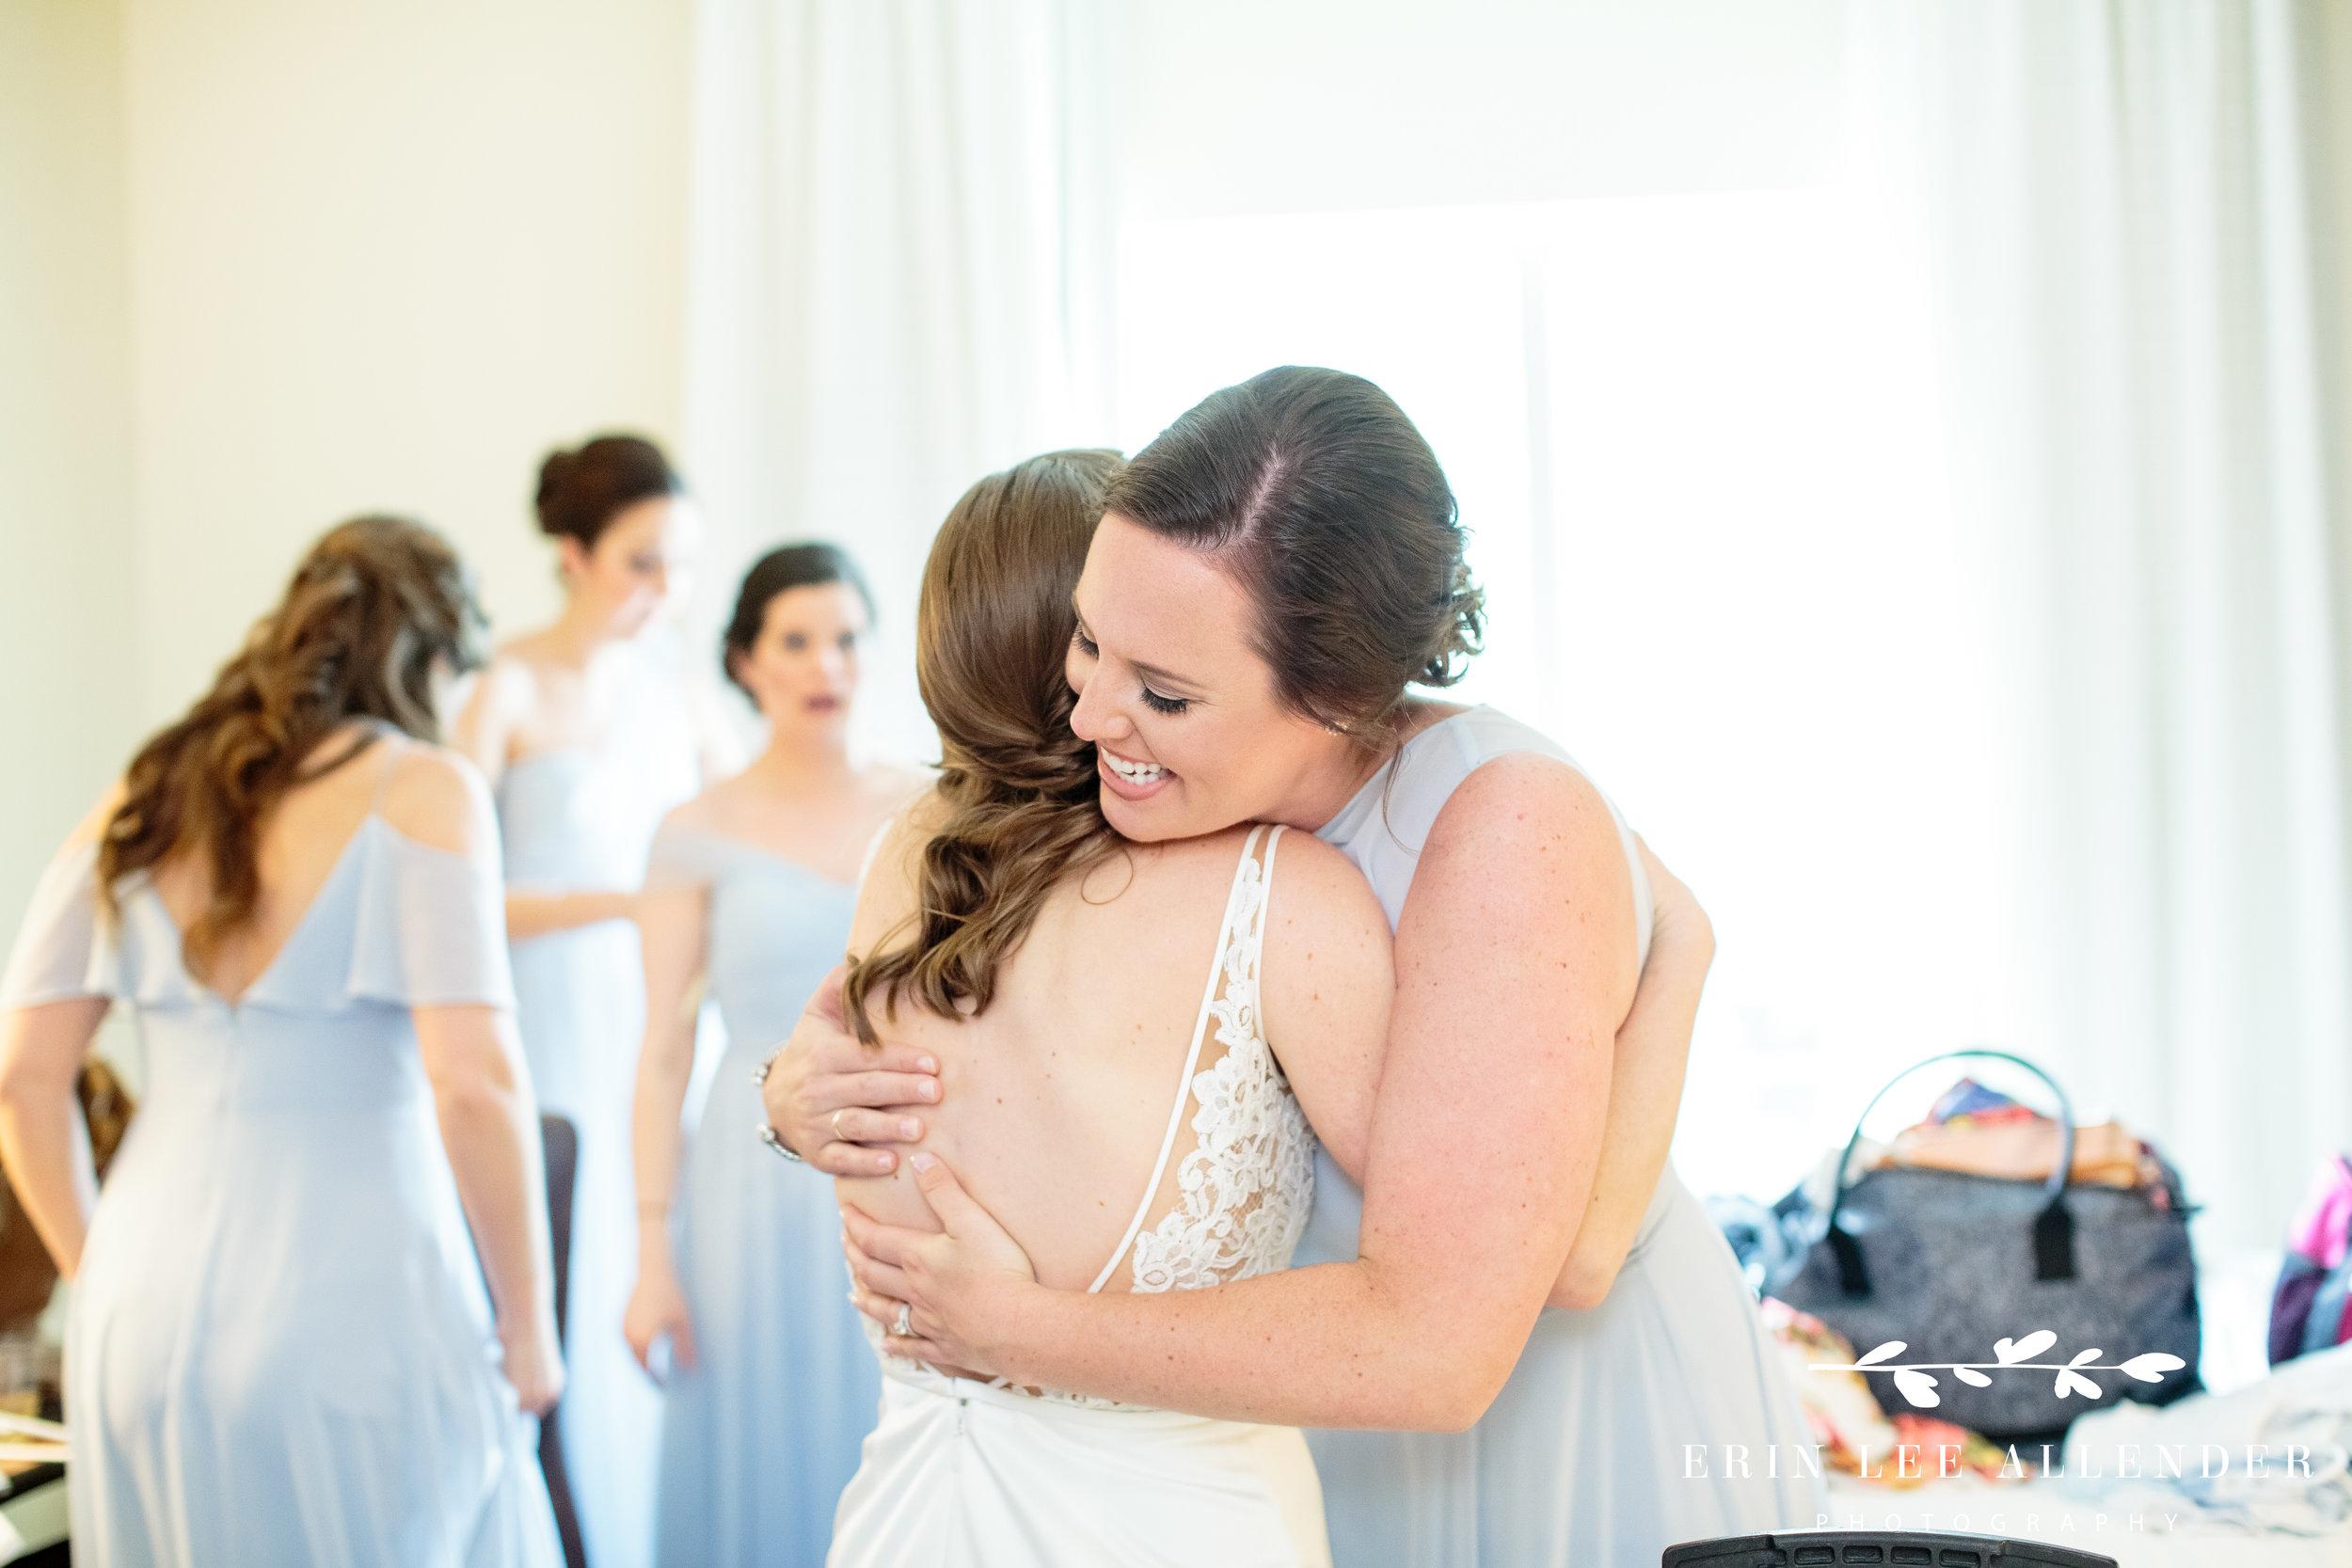 bridesmaid-hugs-bride